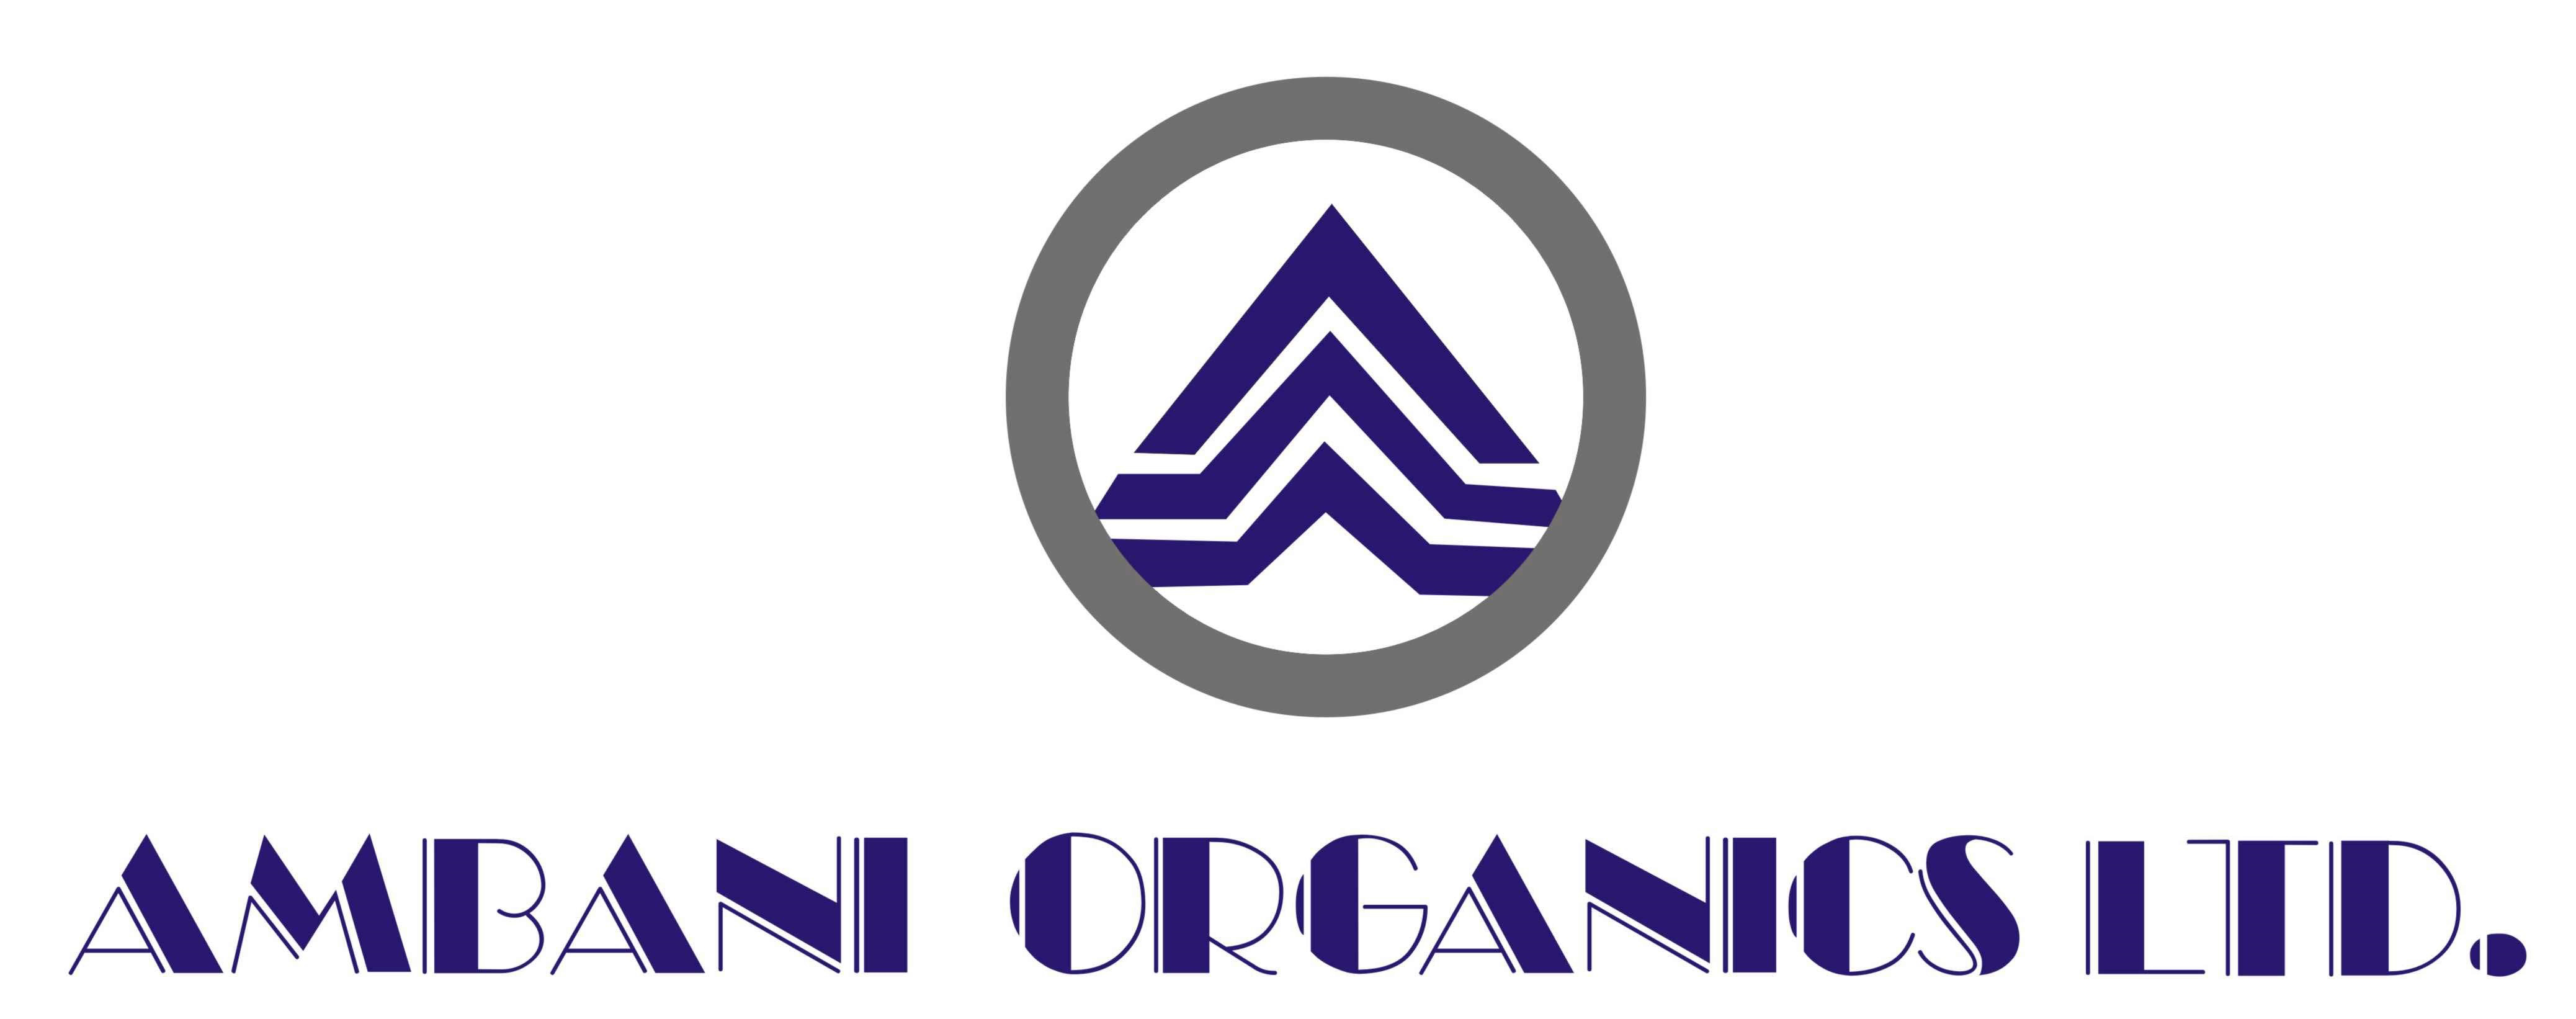 Ambani Organics Limited IPO